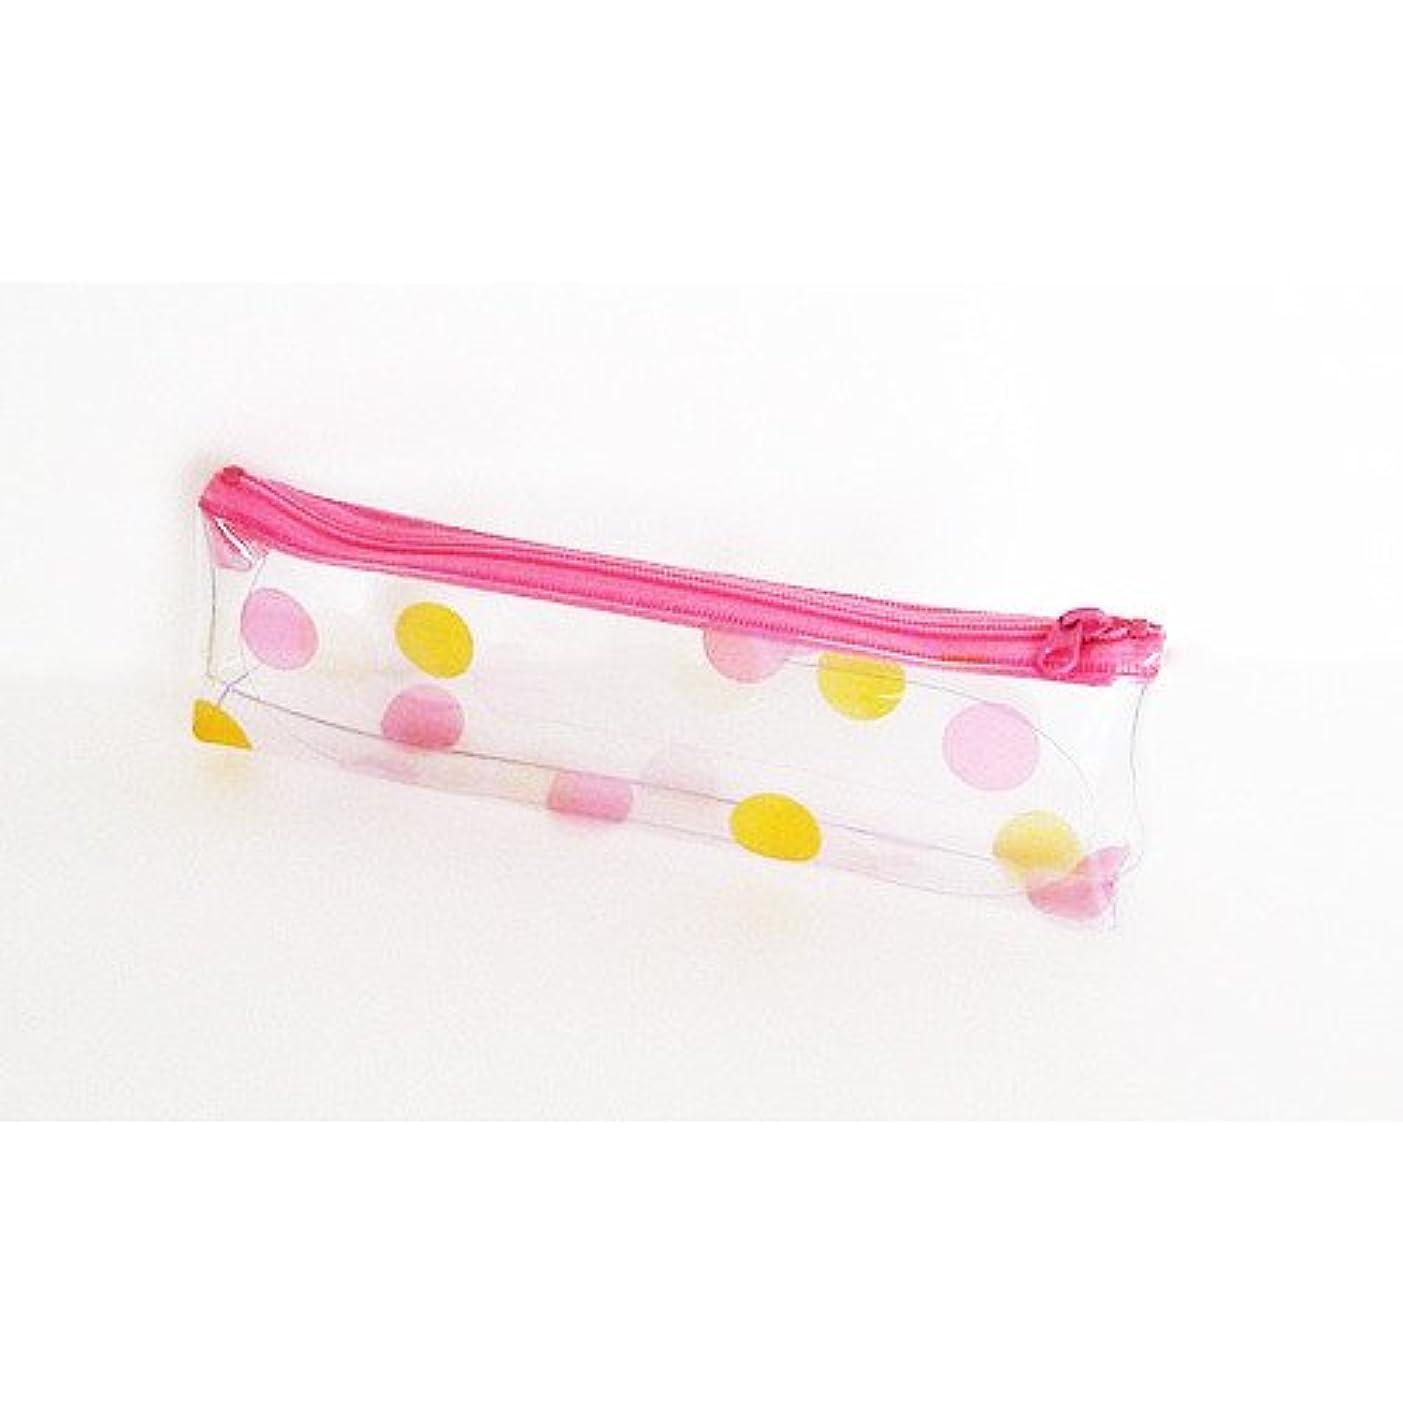 中で汚染する孤独なキャンディカラーポーチ S 水玉ピンク